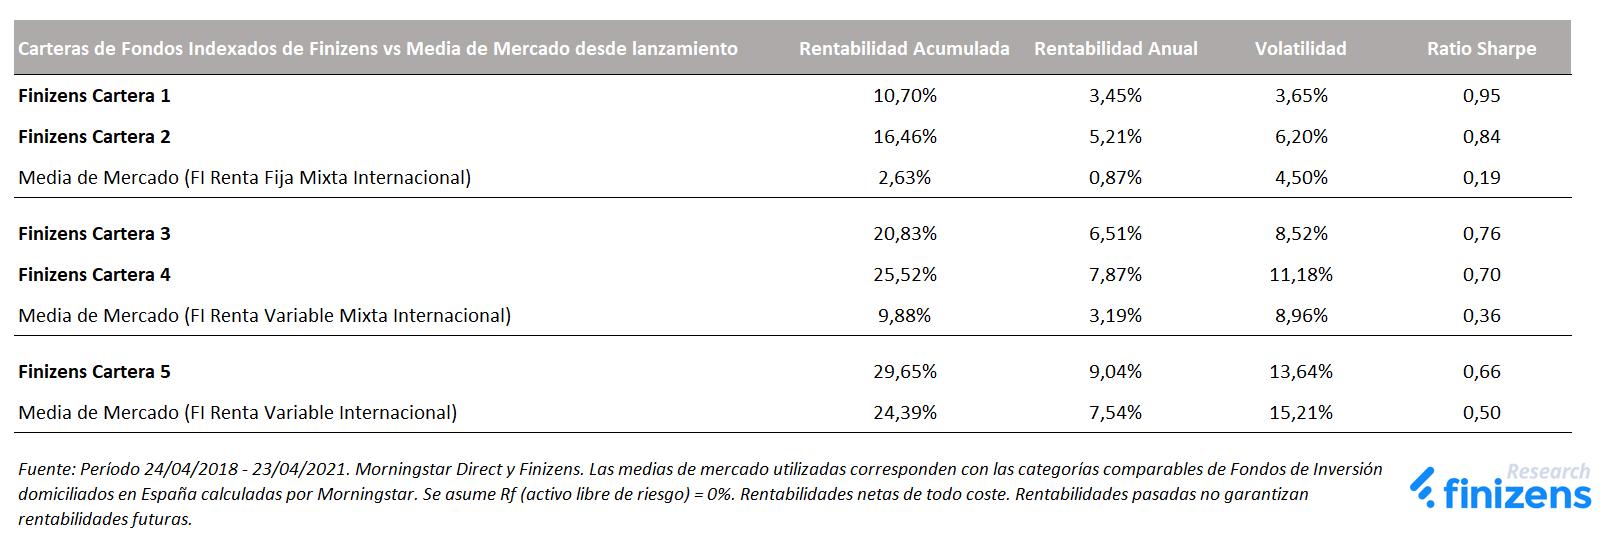 Carteras de Fondos Indexados de Finizens vs Media de Mercado desde lanzamiento